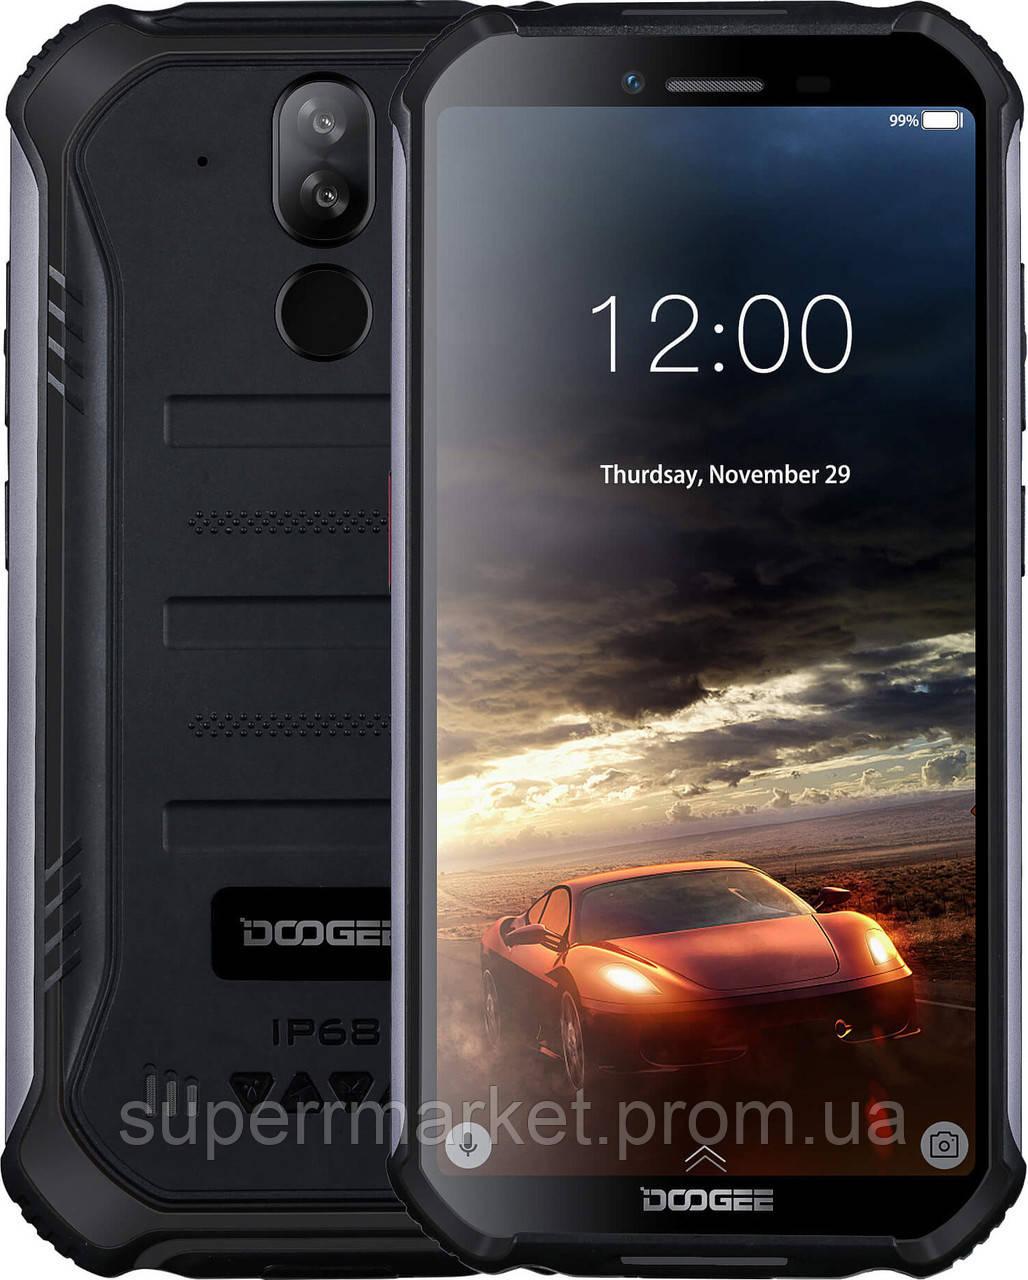 Защищенный смартфон Doogee S40 16GB